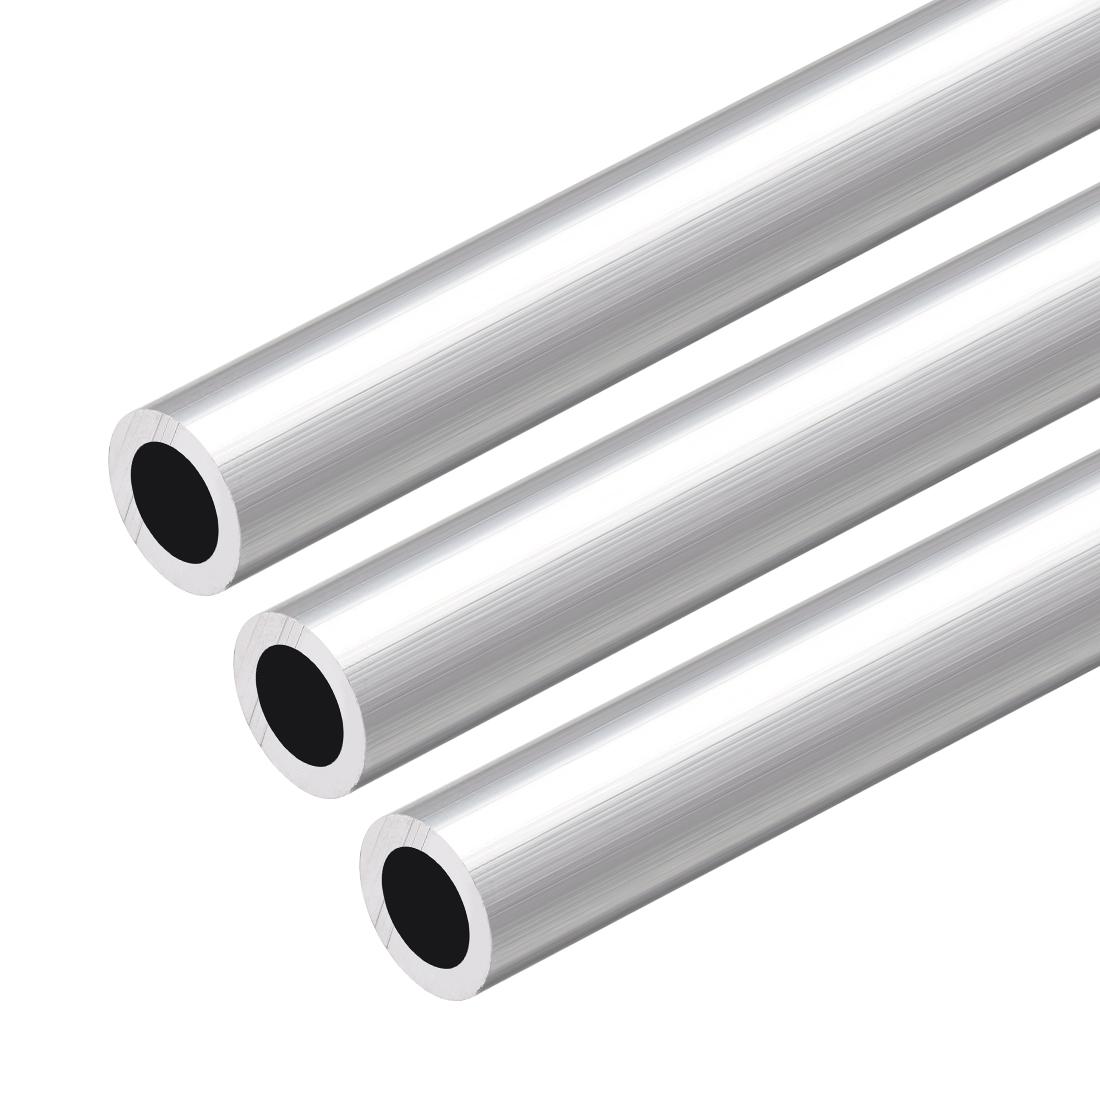 6063 Aluminum Round Tube 300mm Length 13mm OD 9mm Inner Dia Seamless Tubing 3pcs